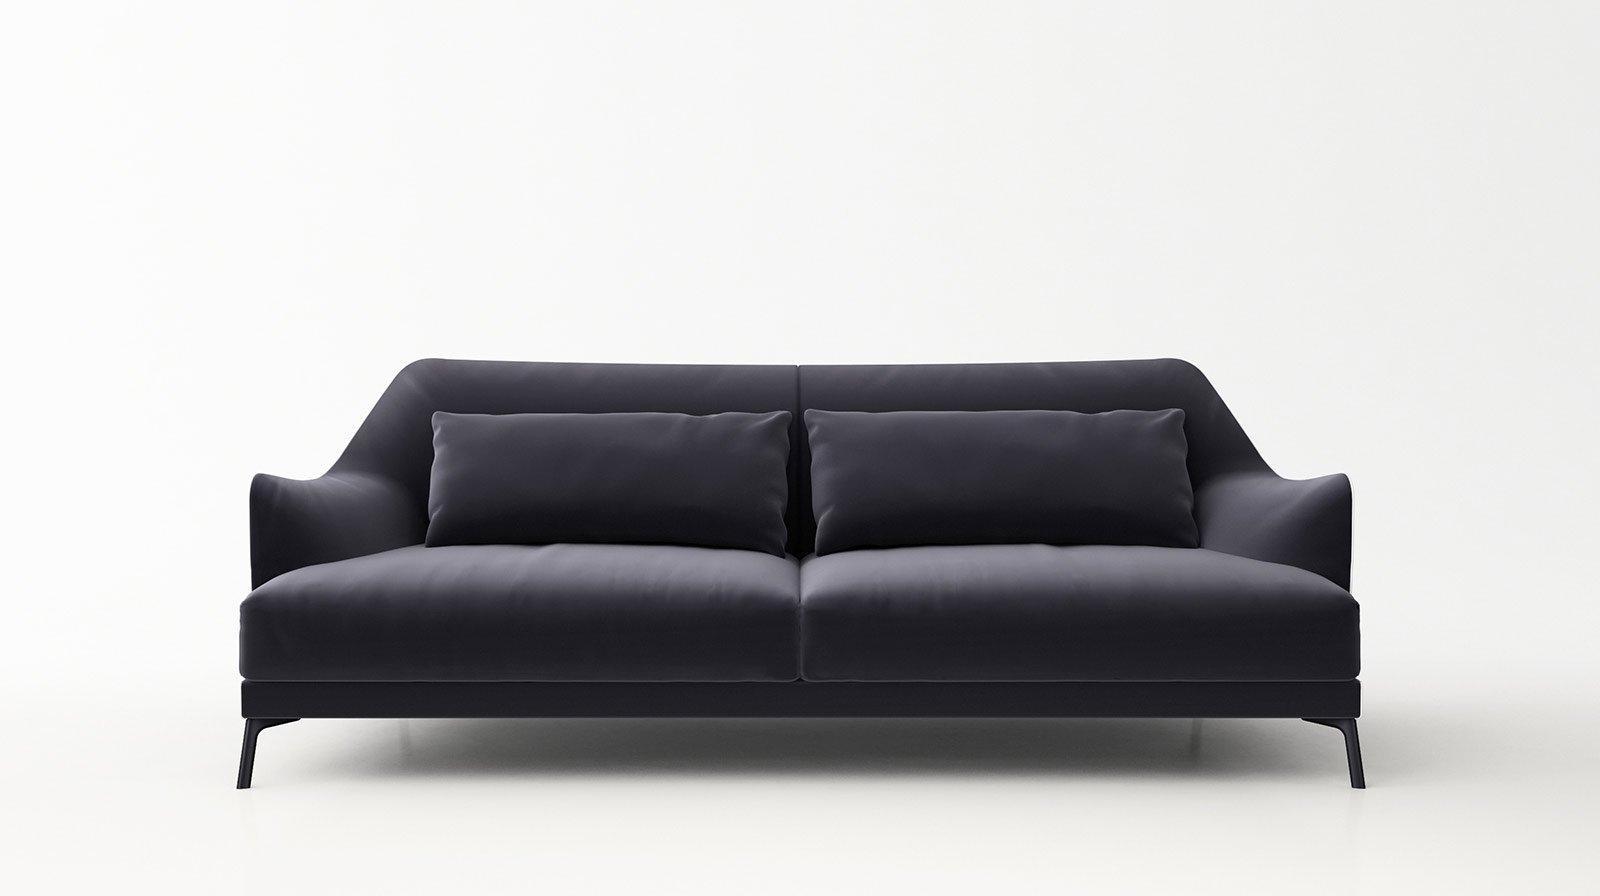 I nuovi divani in linea presentati al salone del mobile - Divano letto natuzzi ...